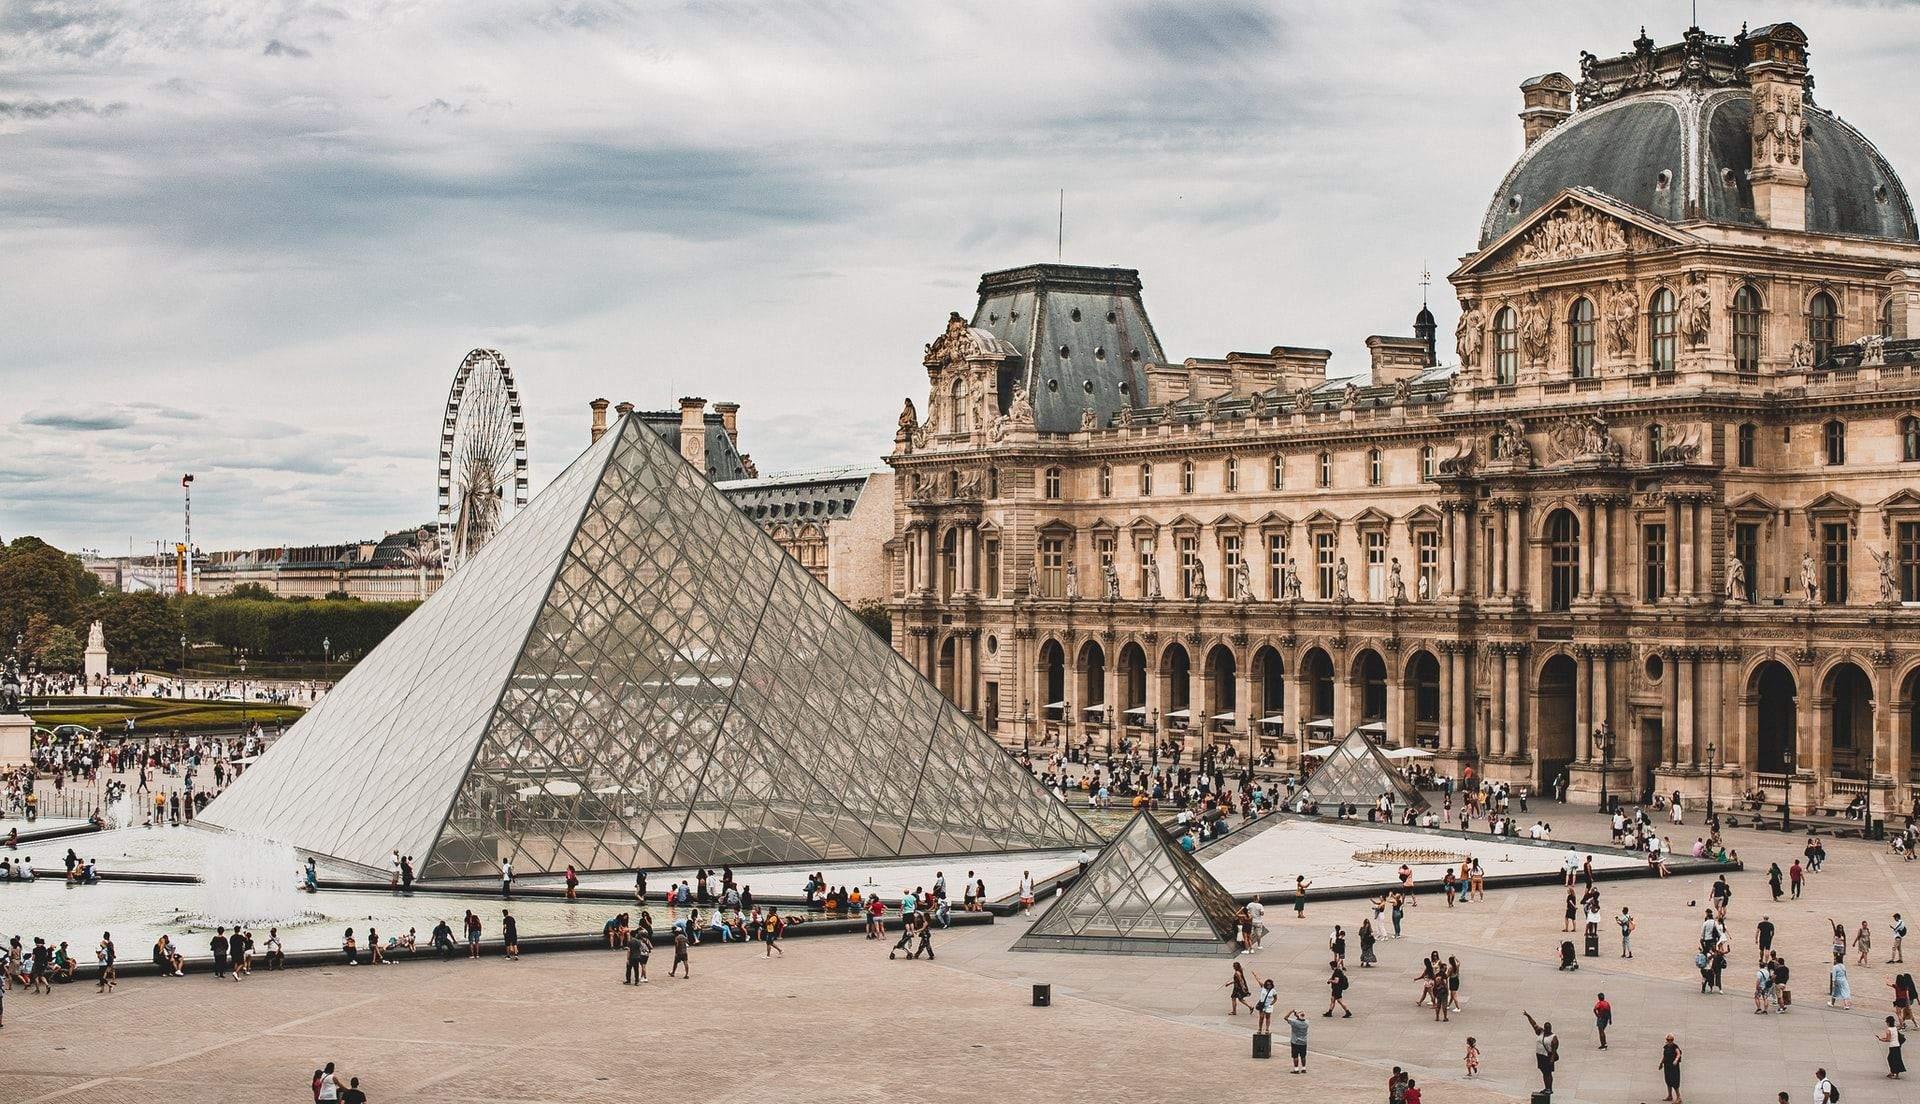 У Луврі можна побачити недосконалу Мона Лізу Леонардо да Вінчі